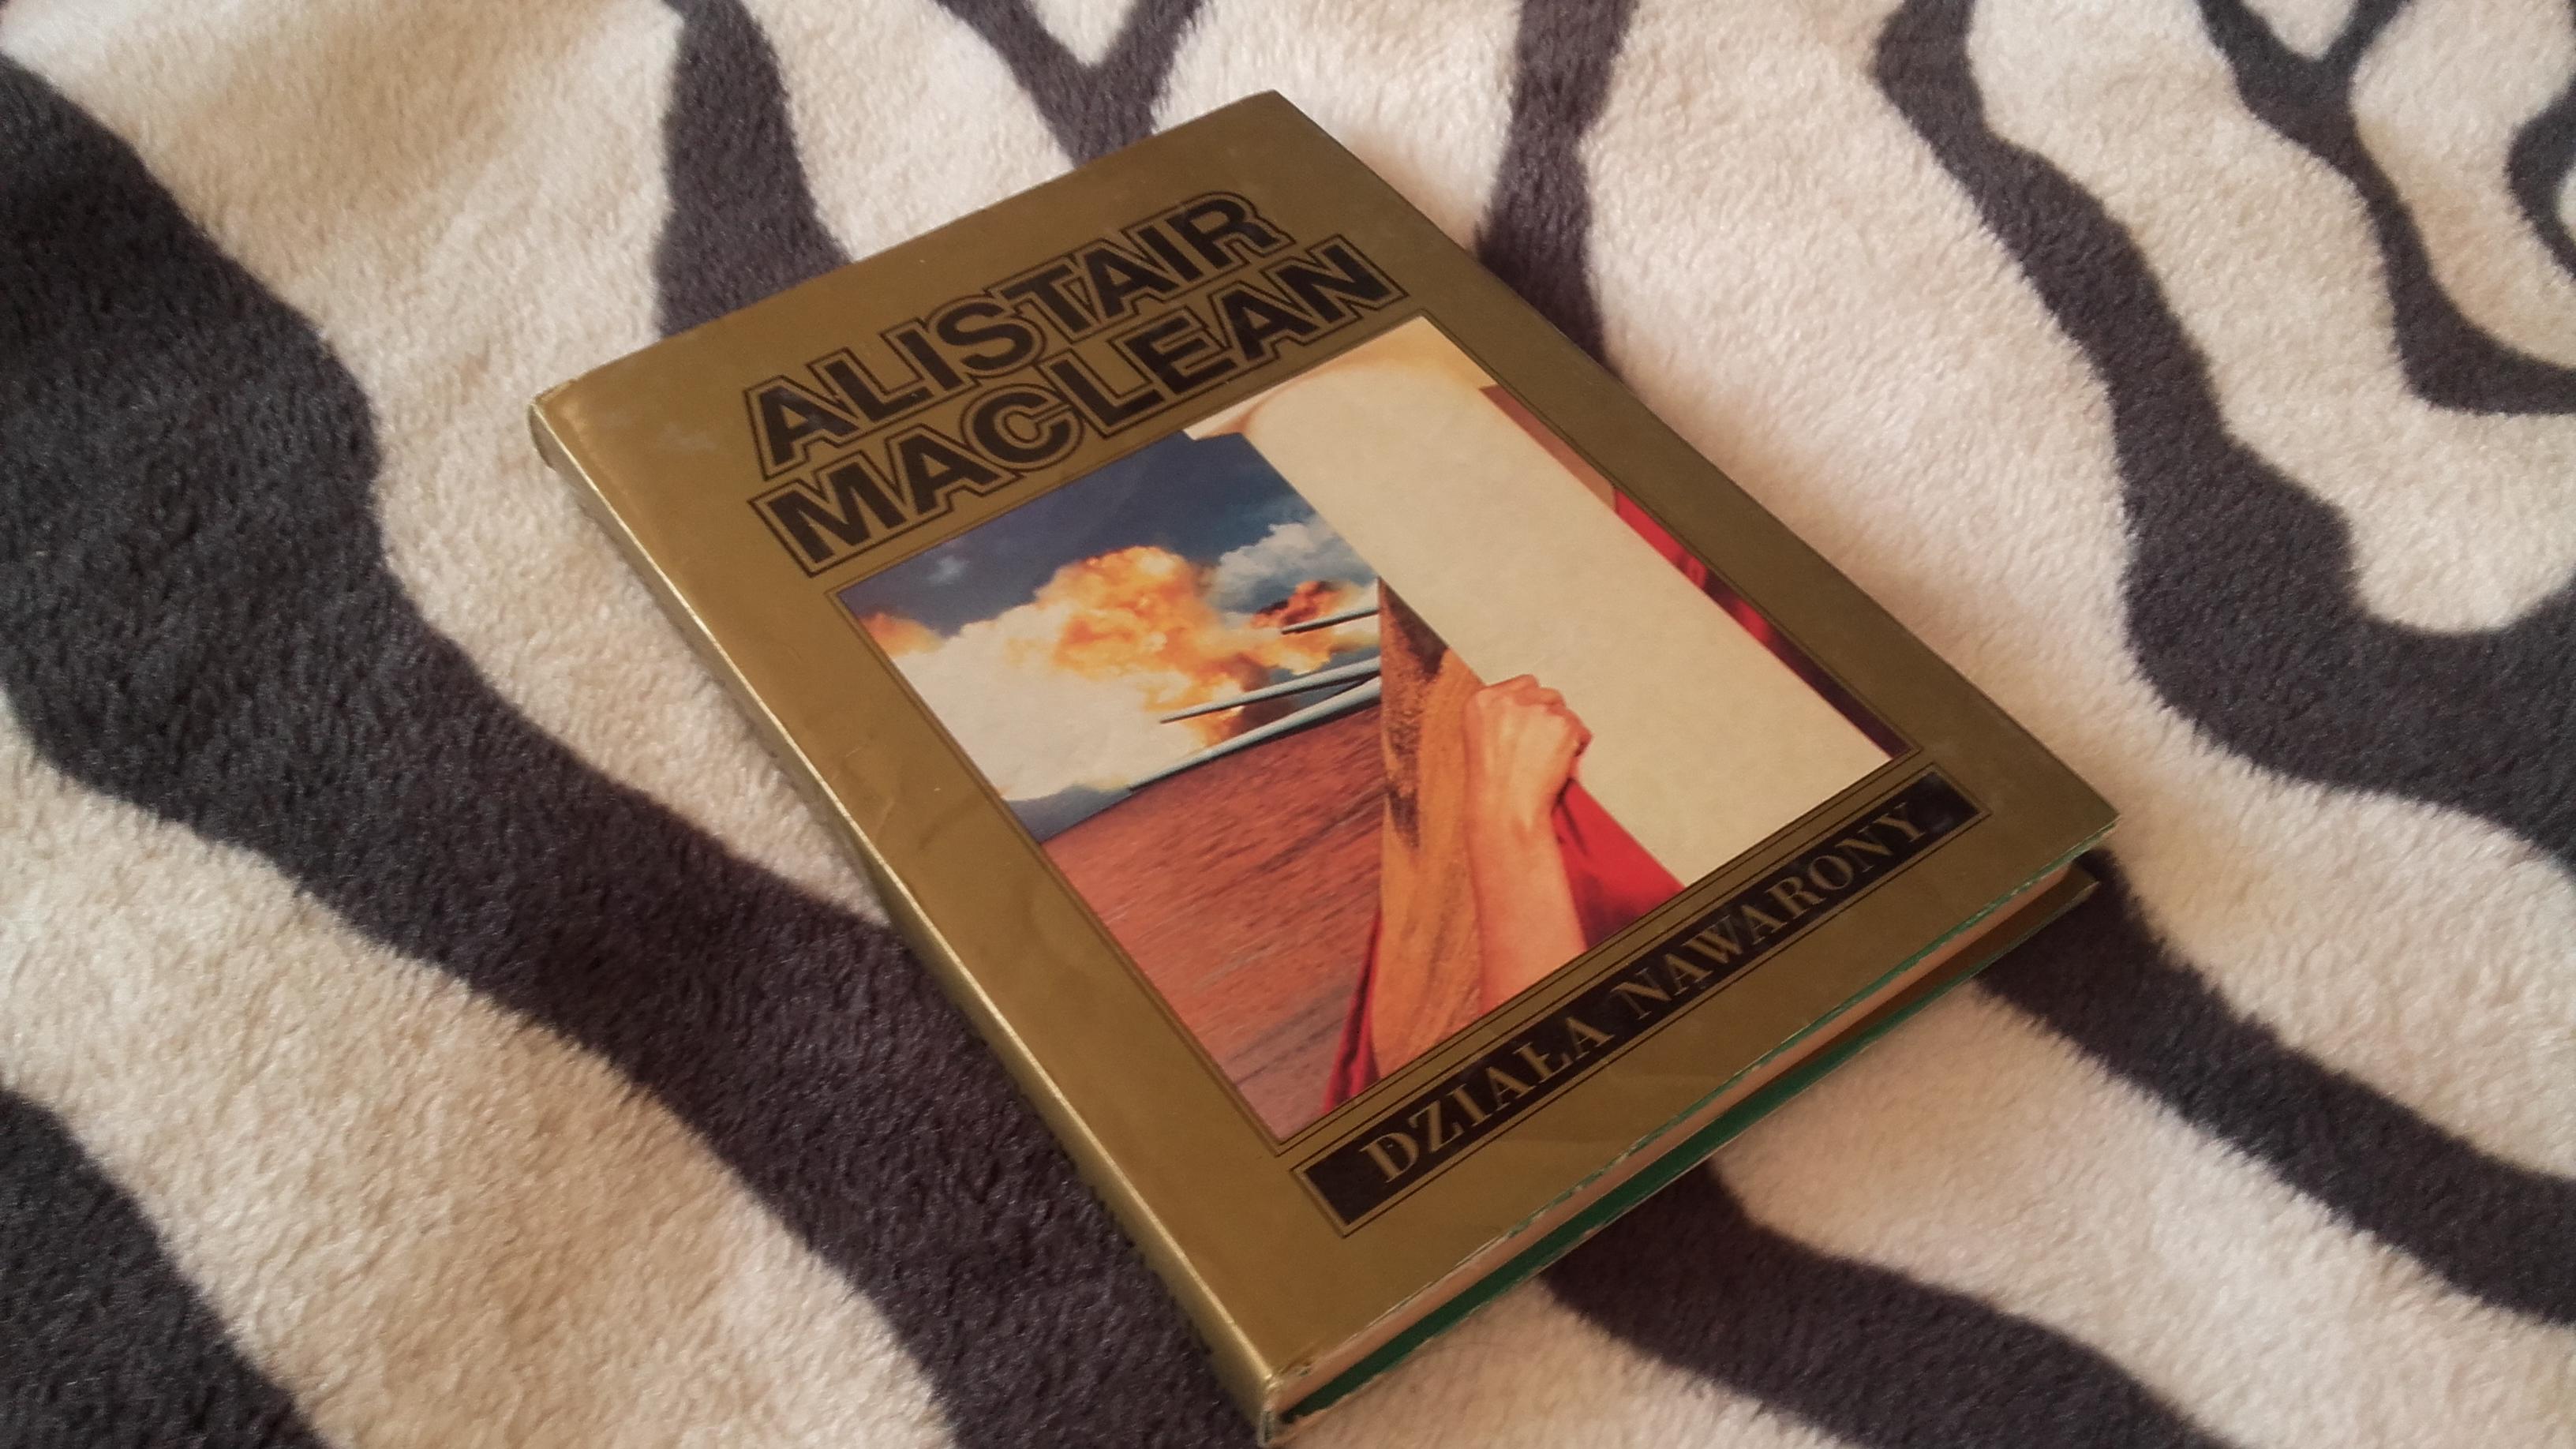 Działa Nawarony – Alistair Maclean